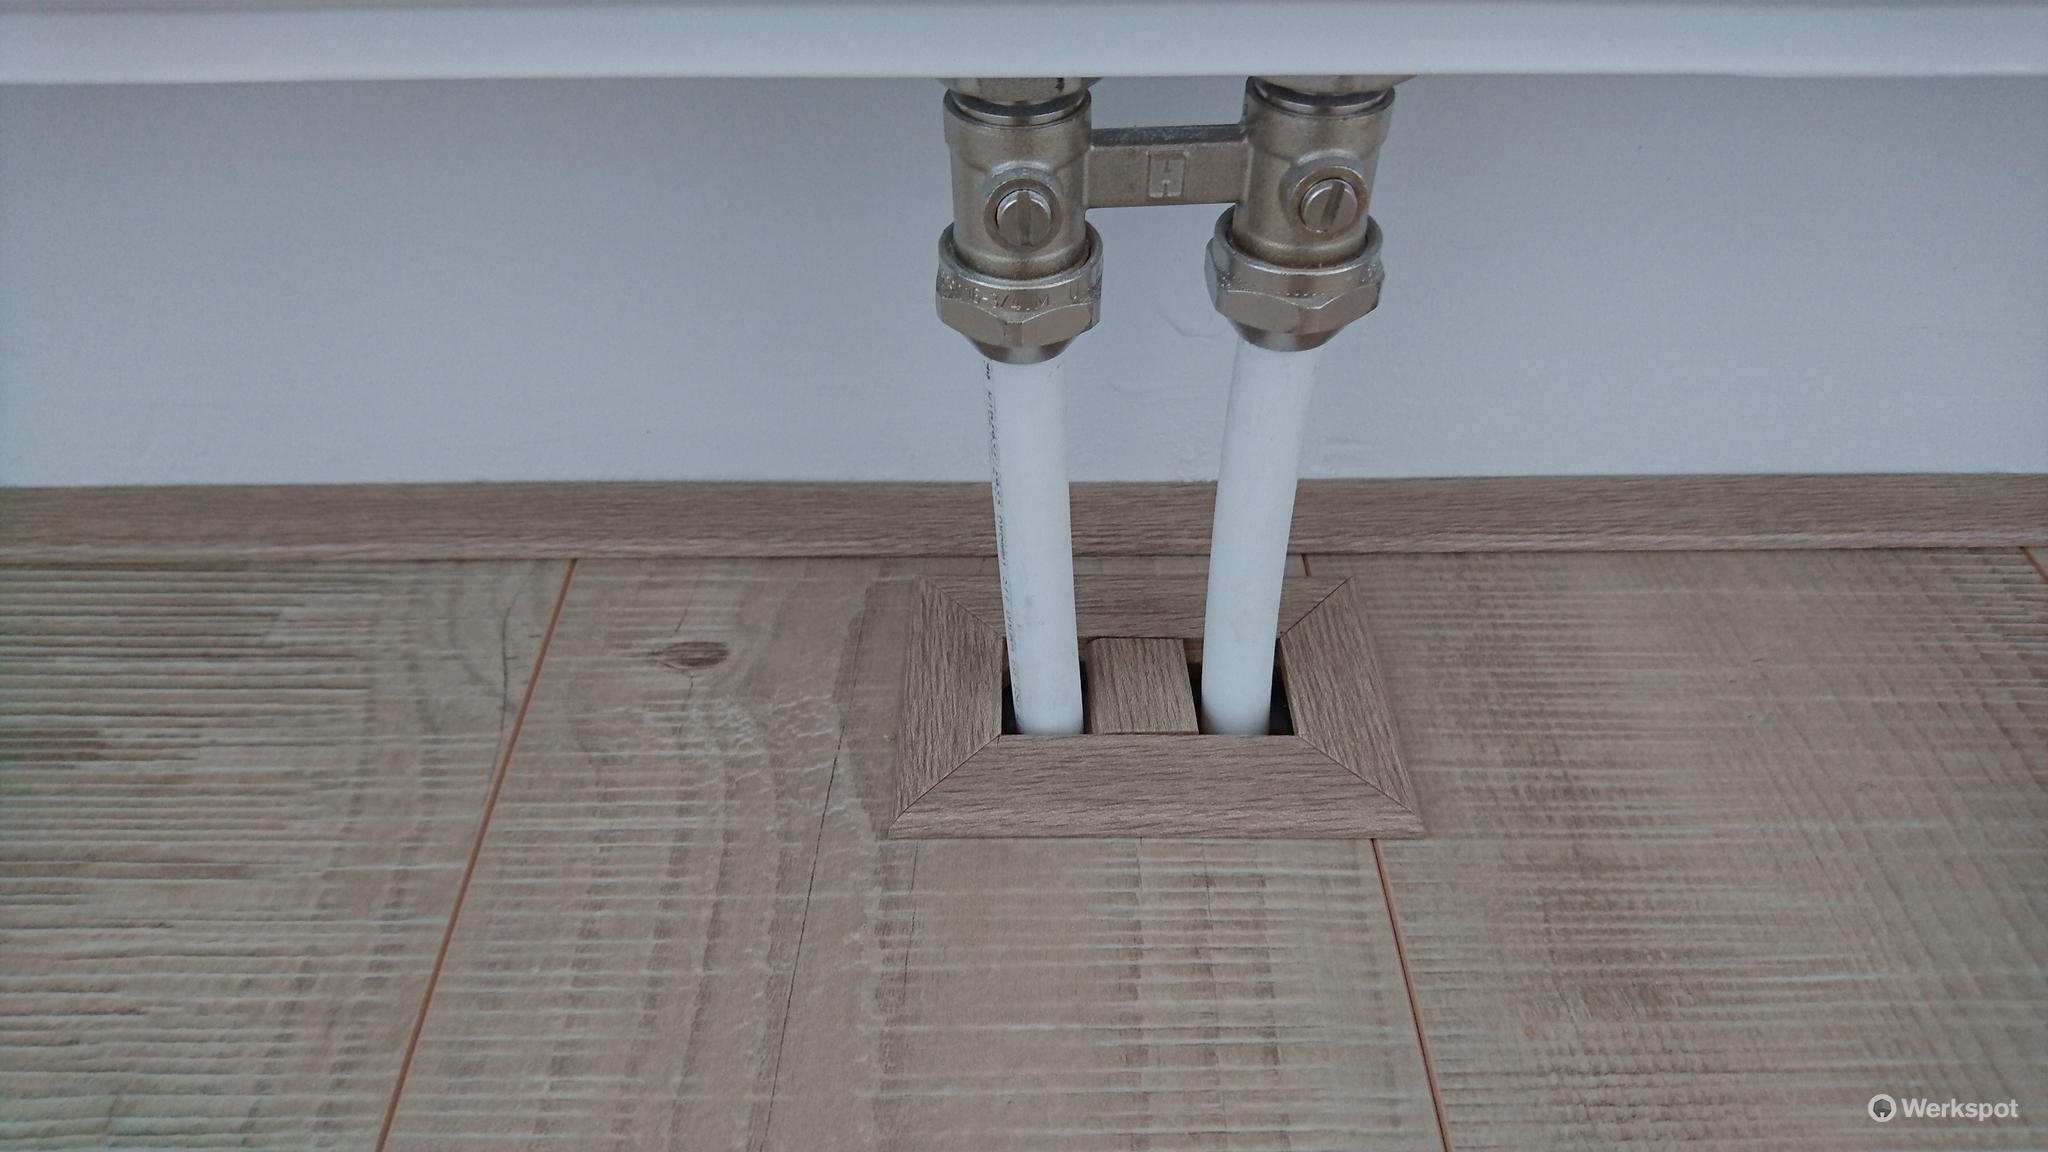 Laminaat Leggen Ondervloer : Laminaat leggen icm ondervloer en plinten ong m werkspot